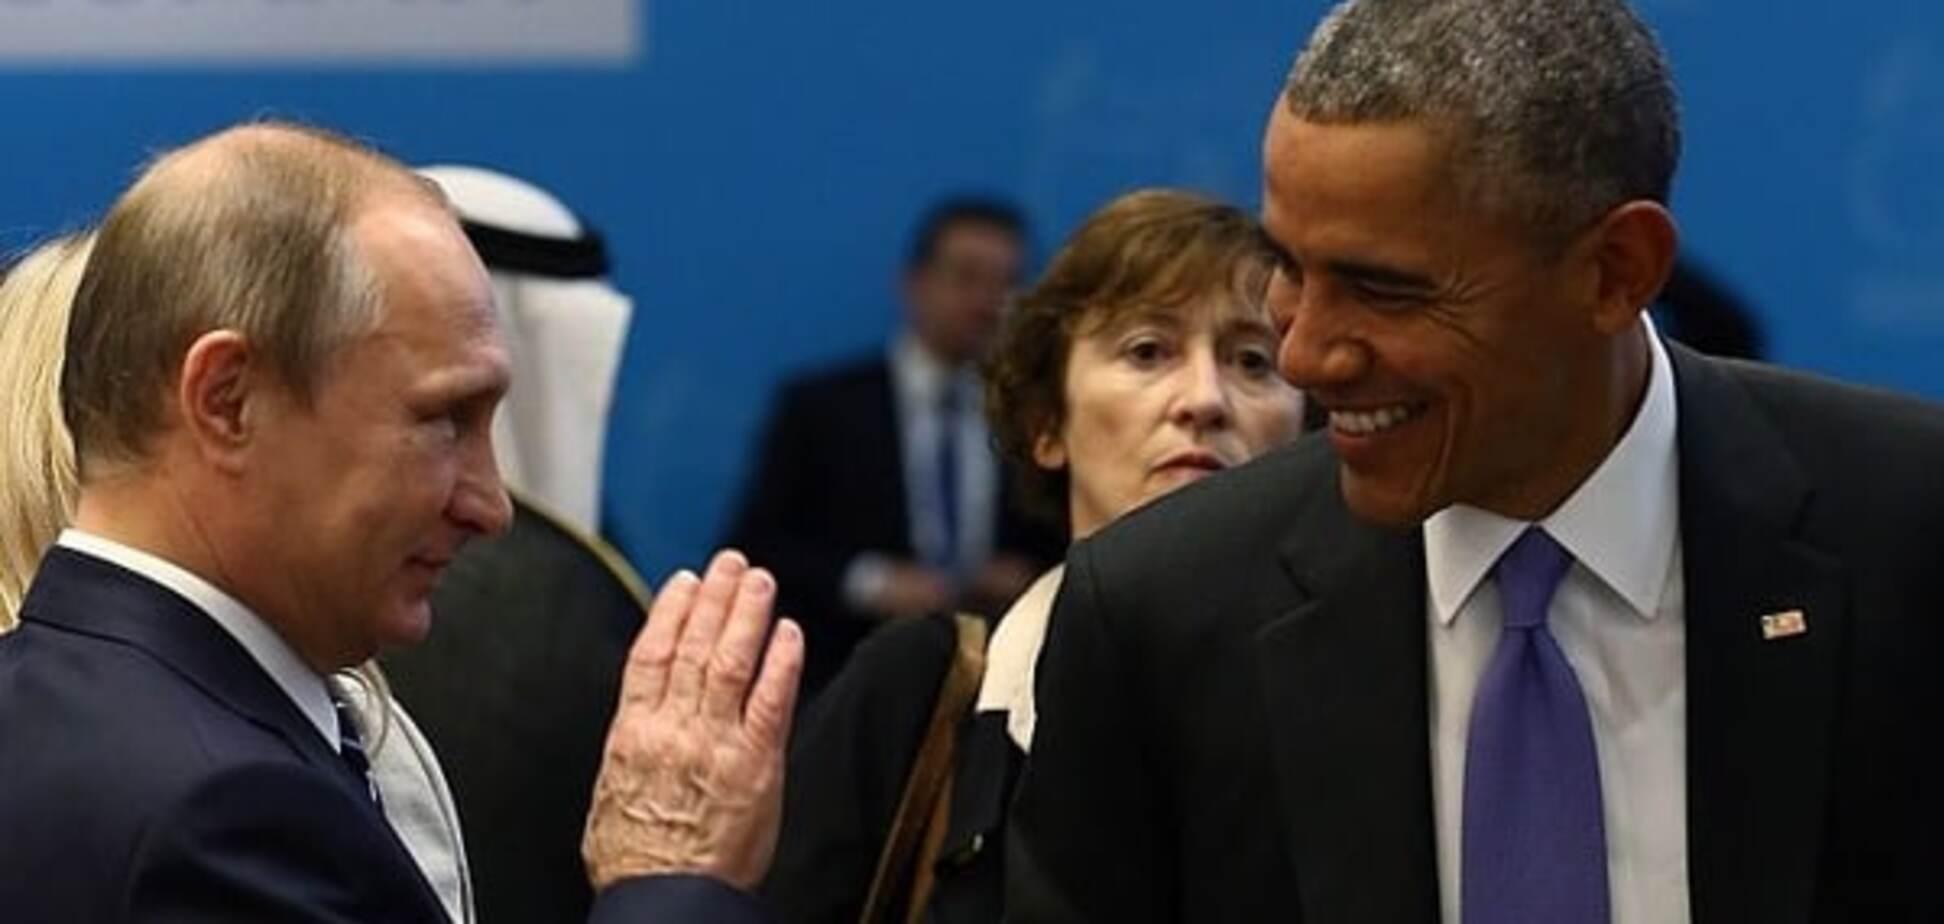 Без преси: в Китаї завершилася зустріч Путіна і Обами